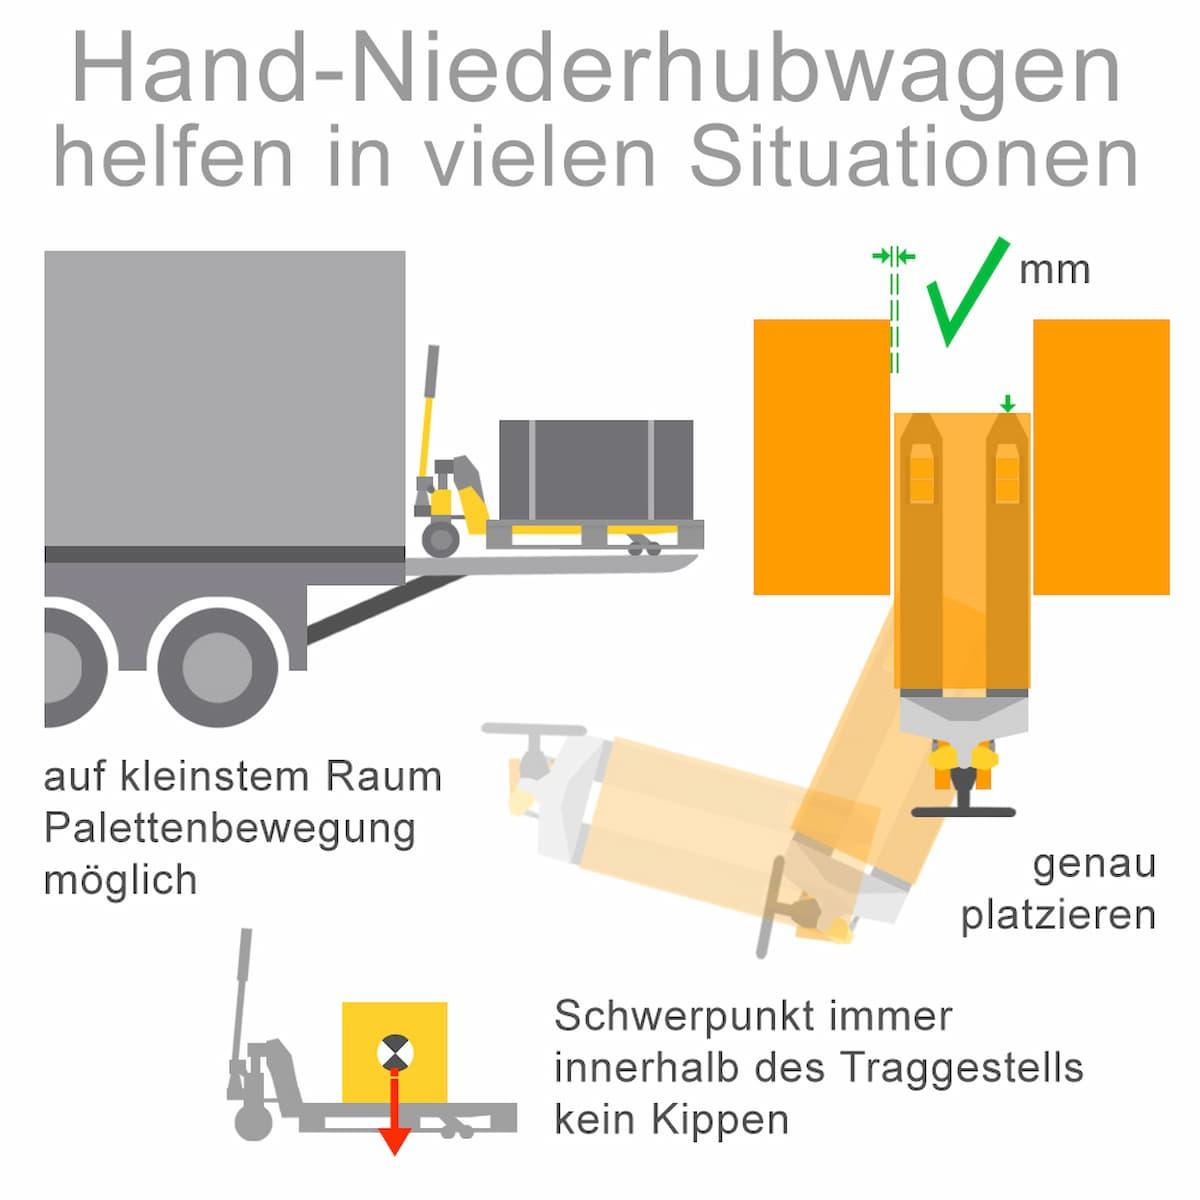 Hand-Niederhubwagen sind flexibel und vielfältig einsetzbar